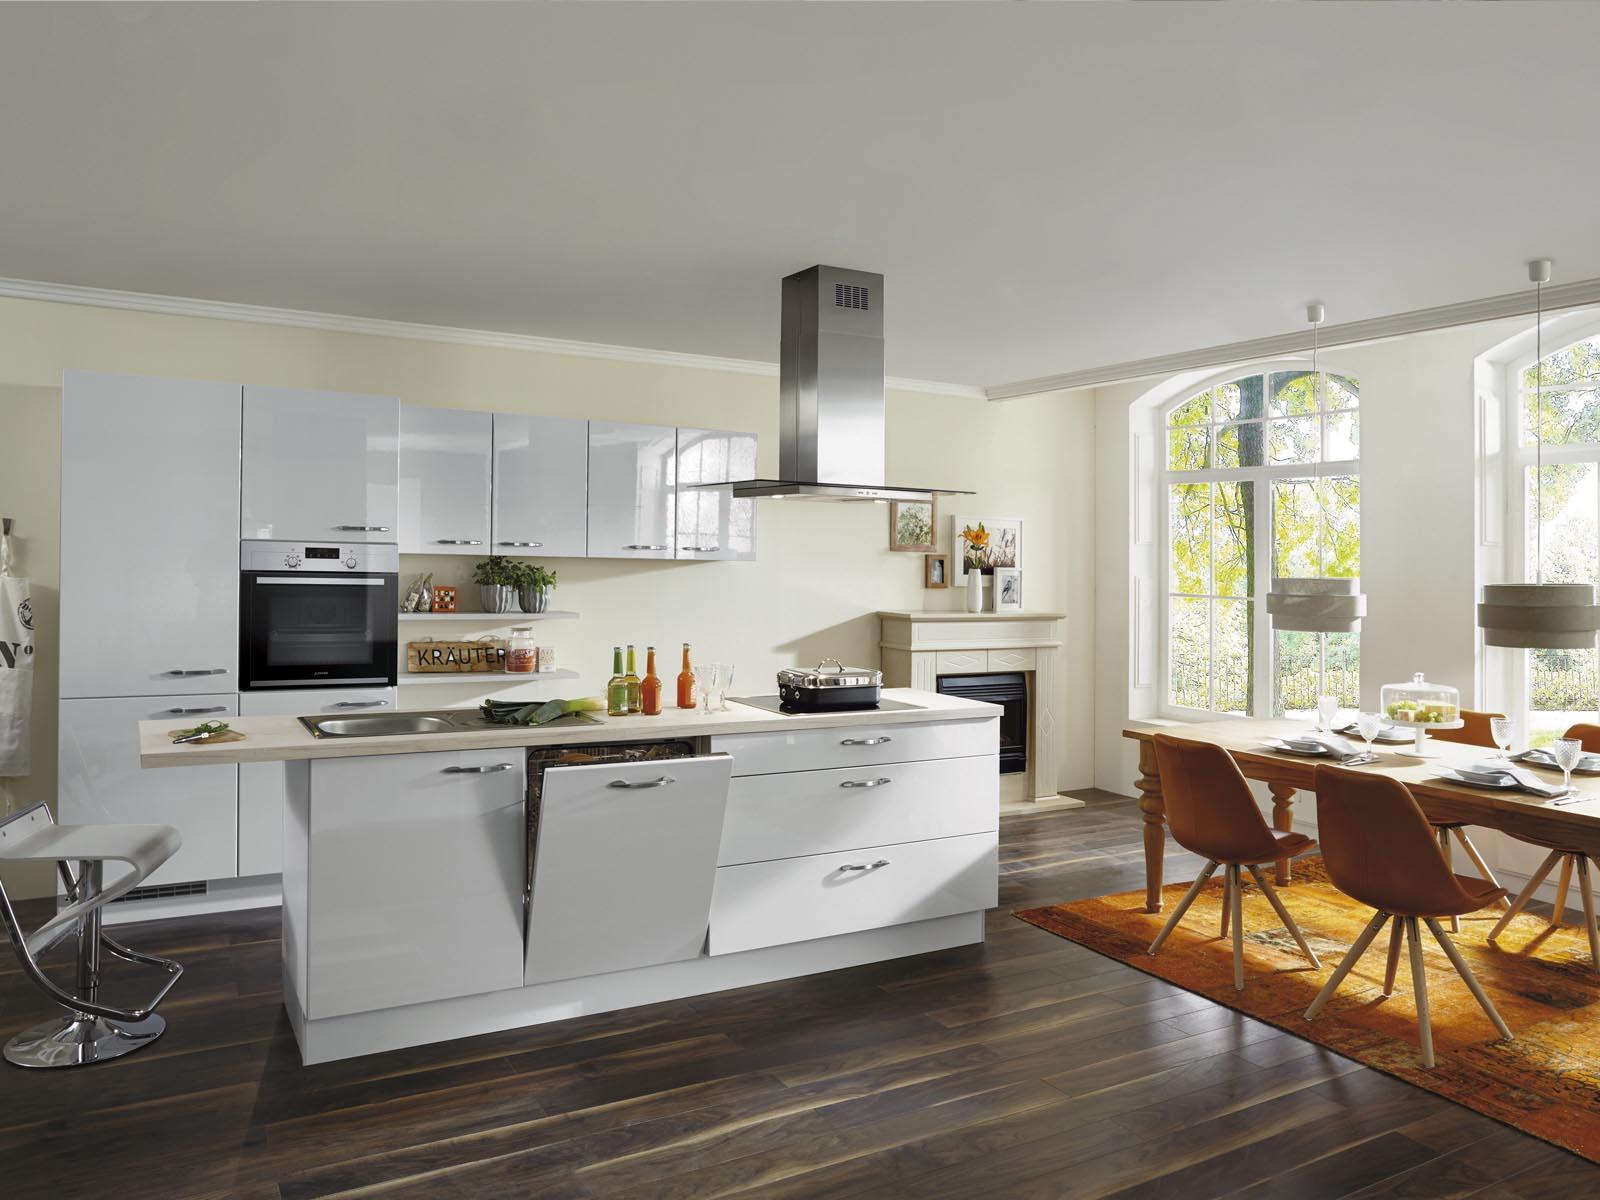 Modern Kitchen Küchentime Lux 819